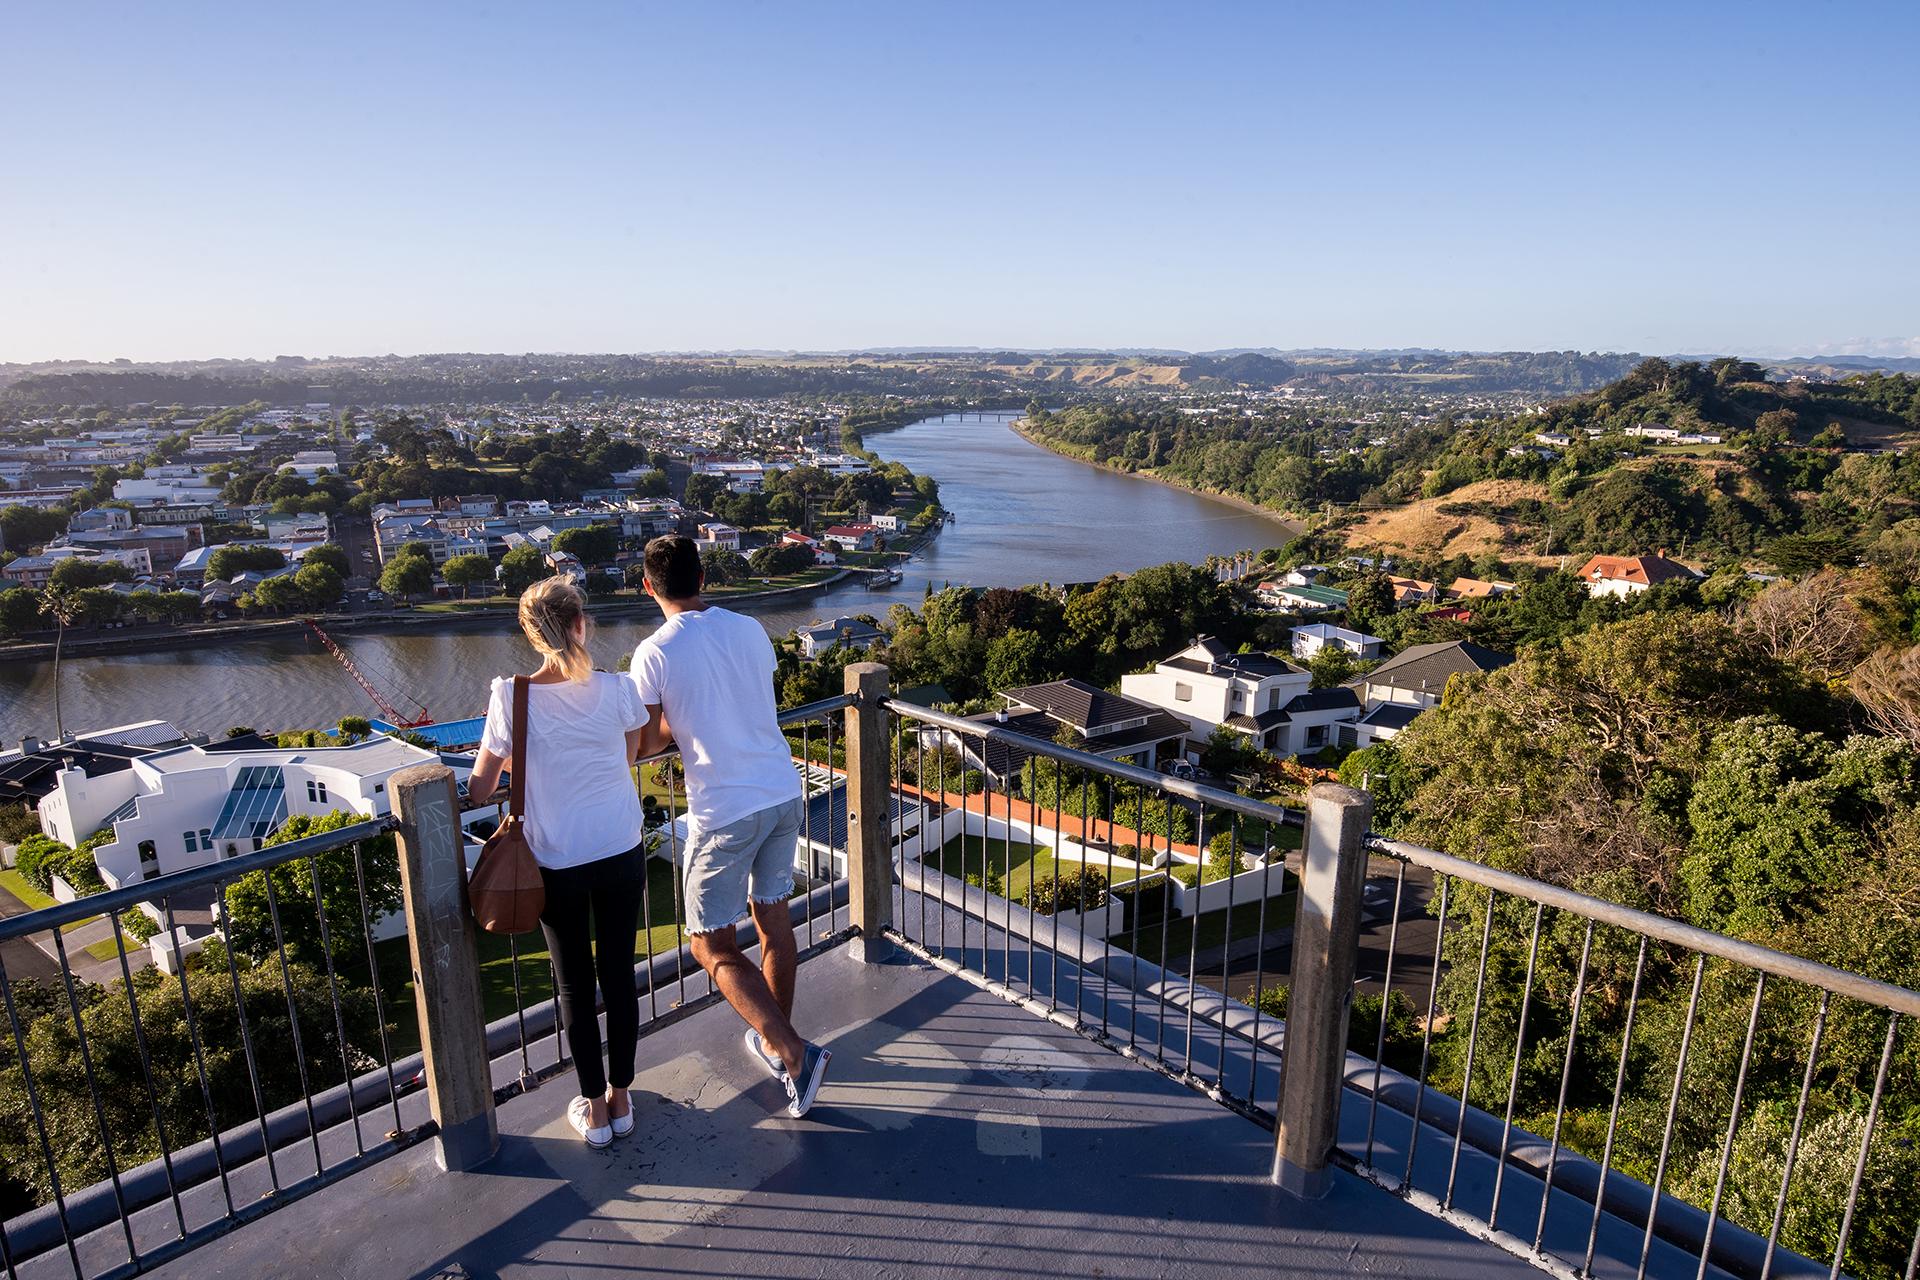 Whanganui jobs and incomes growing